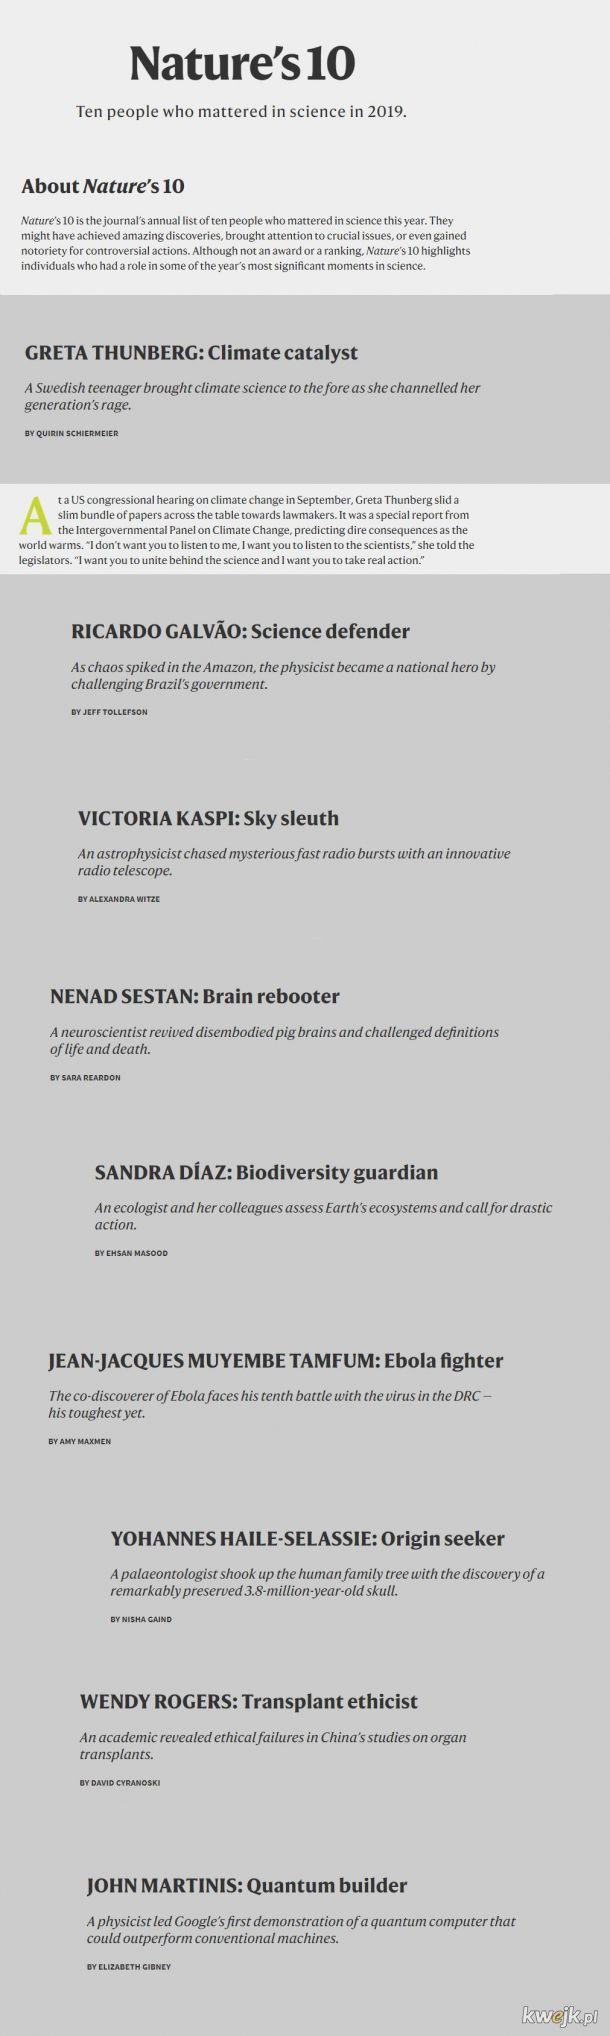 Greta nie znalazła się w gronie 10 naukowców roku 2019 magazynu Nature, znalazła się w gonie 10 osób, które miały wpływ na naukę(według magazynu), można kogoś nie lubić, ale powielanie kłamstw nie służy nikomu i umniejsza dokonania pozostałych 9 osób, któ